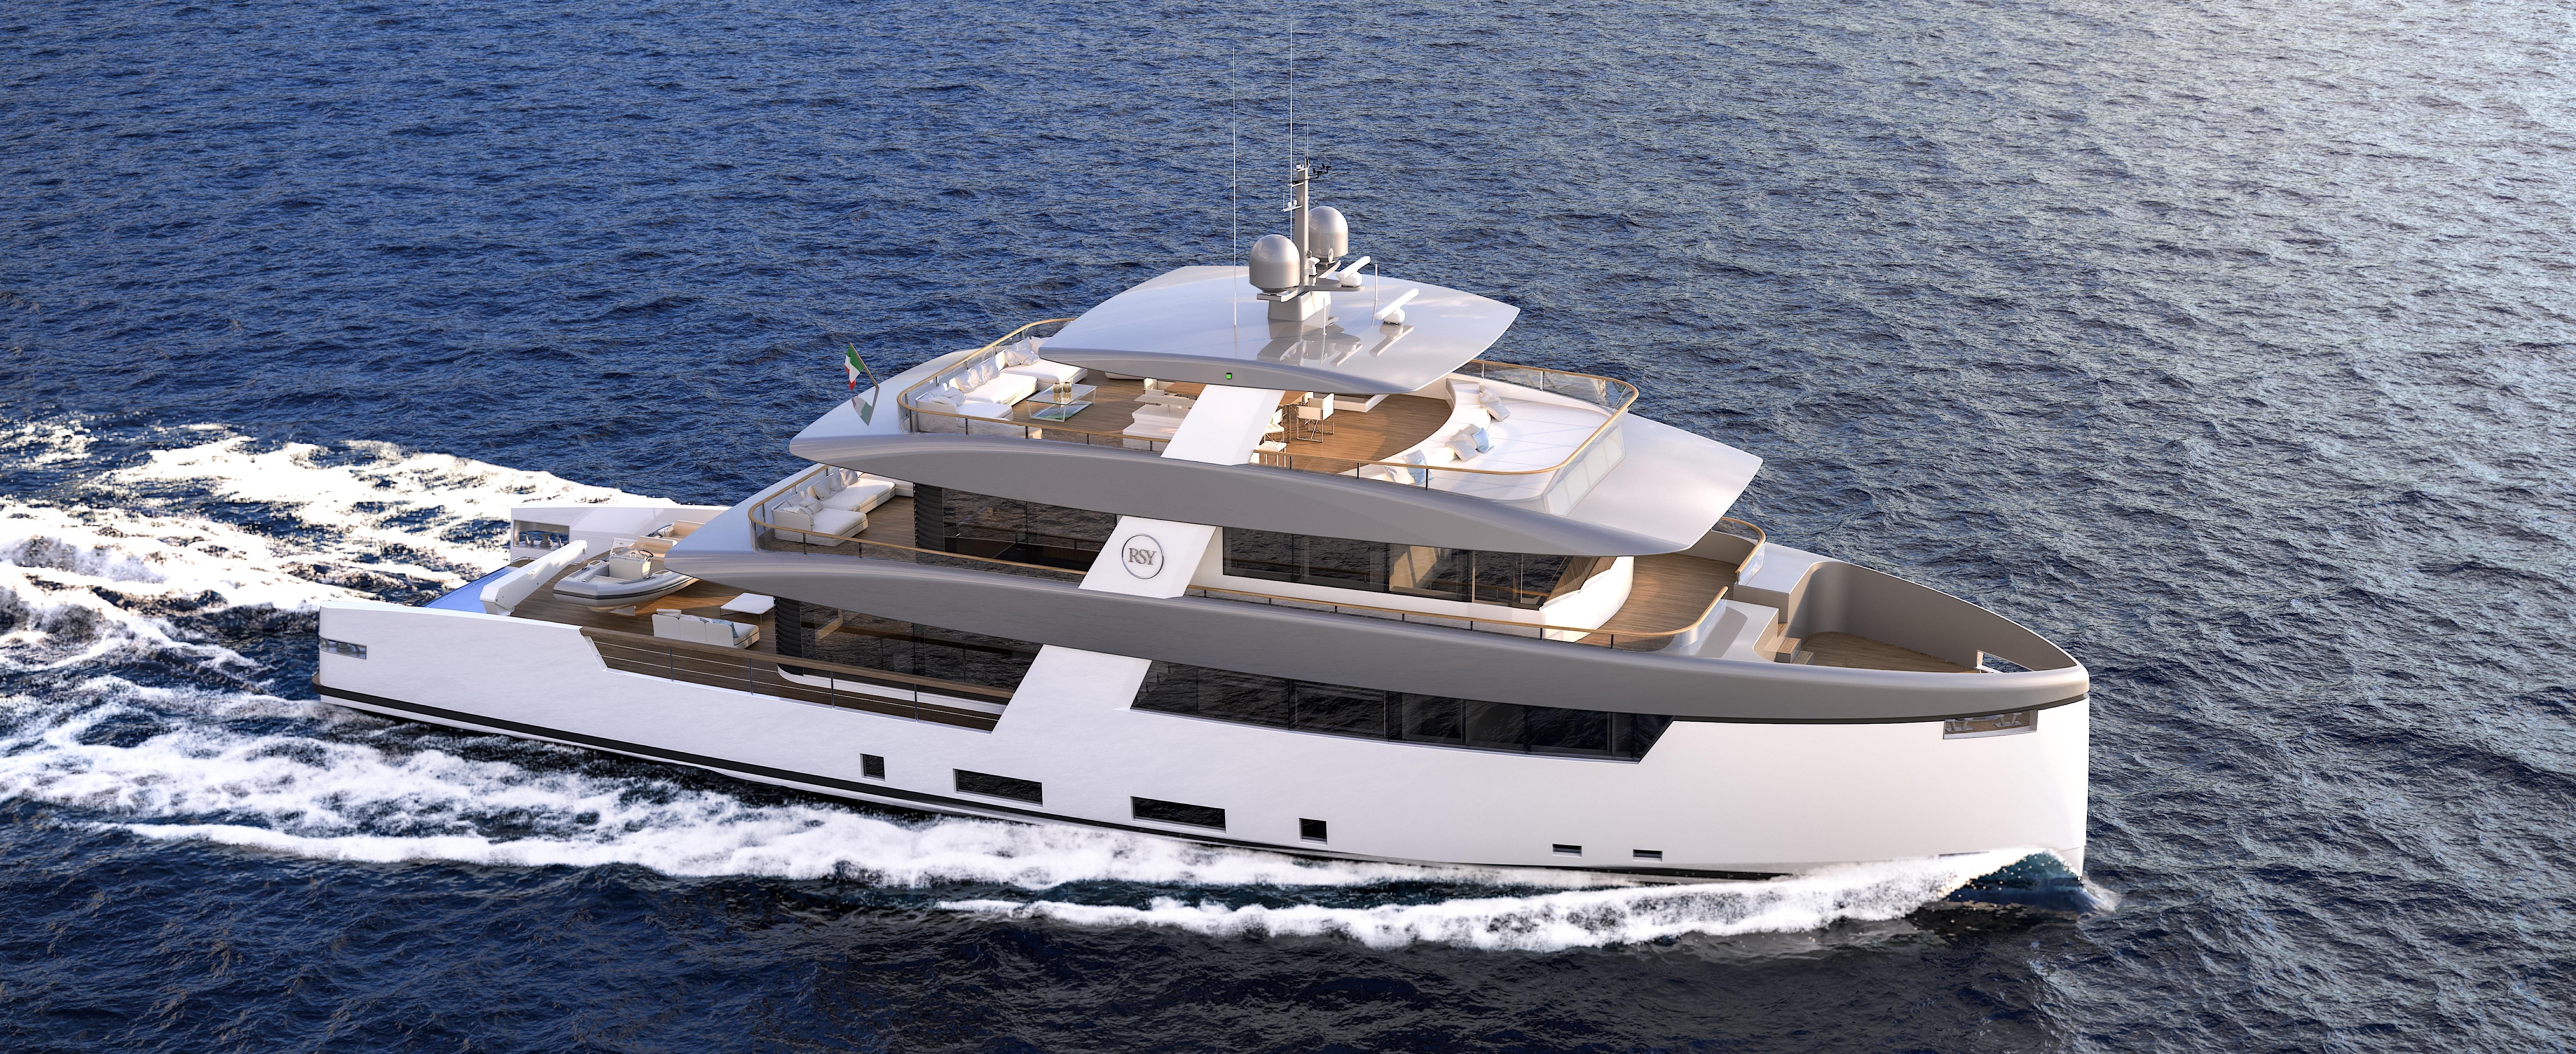 115 Rosetti Superyachts 2020 Italy, Italy